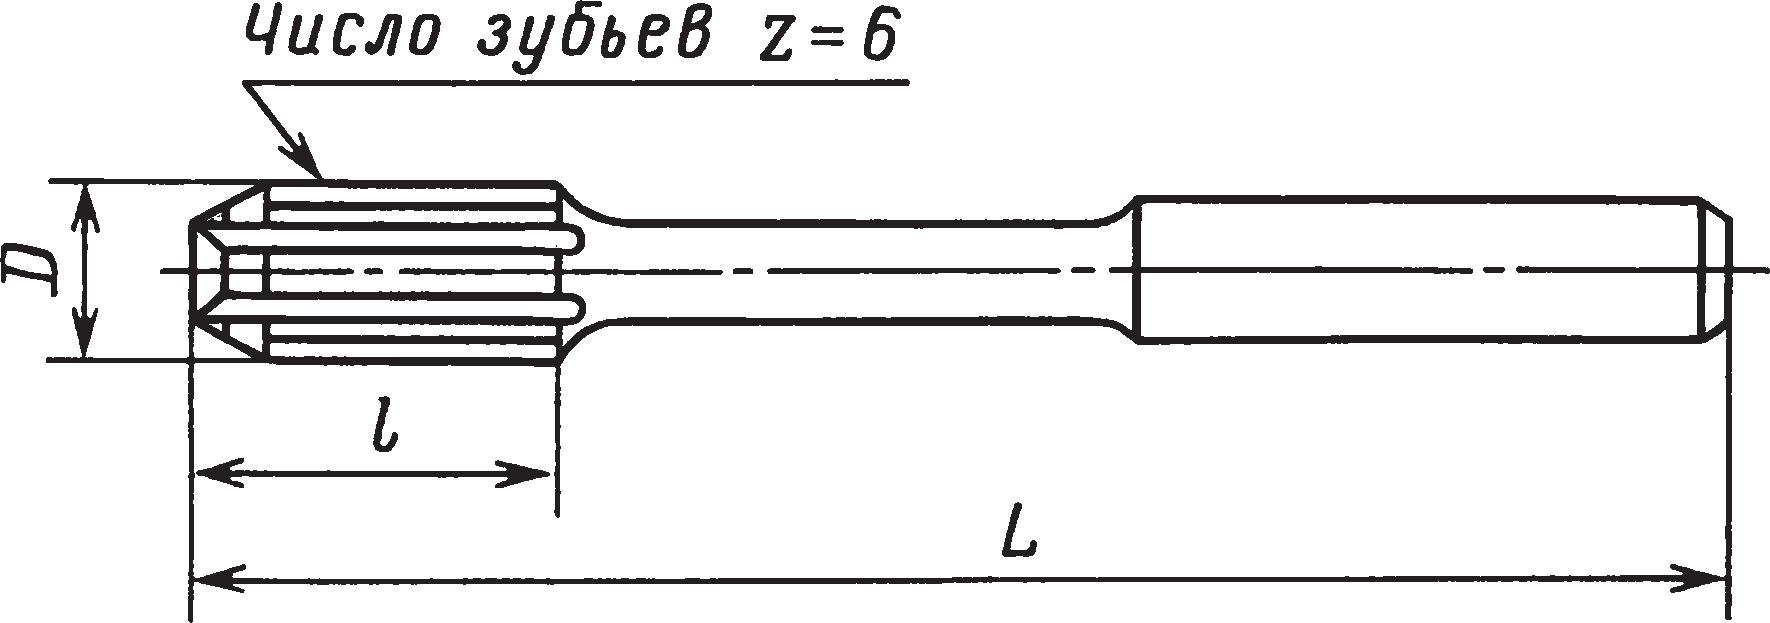 Машинные цельные развертки с цилиндрическим хвостовиком — тип 1 (ГОСТ 1672–80)